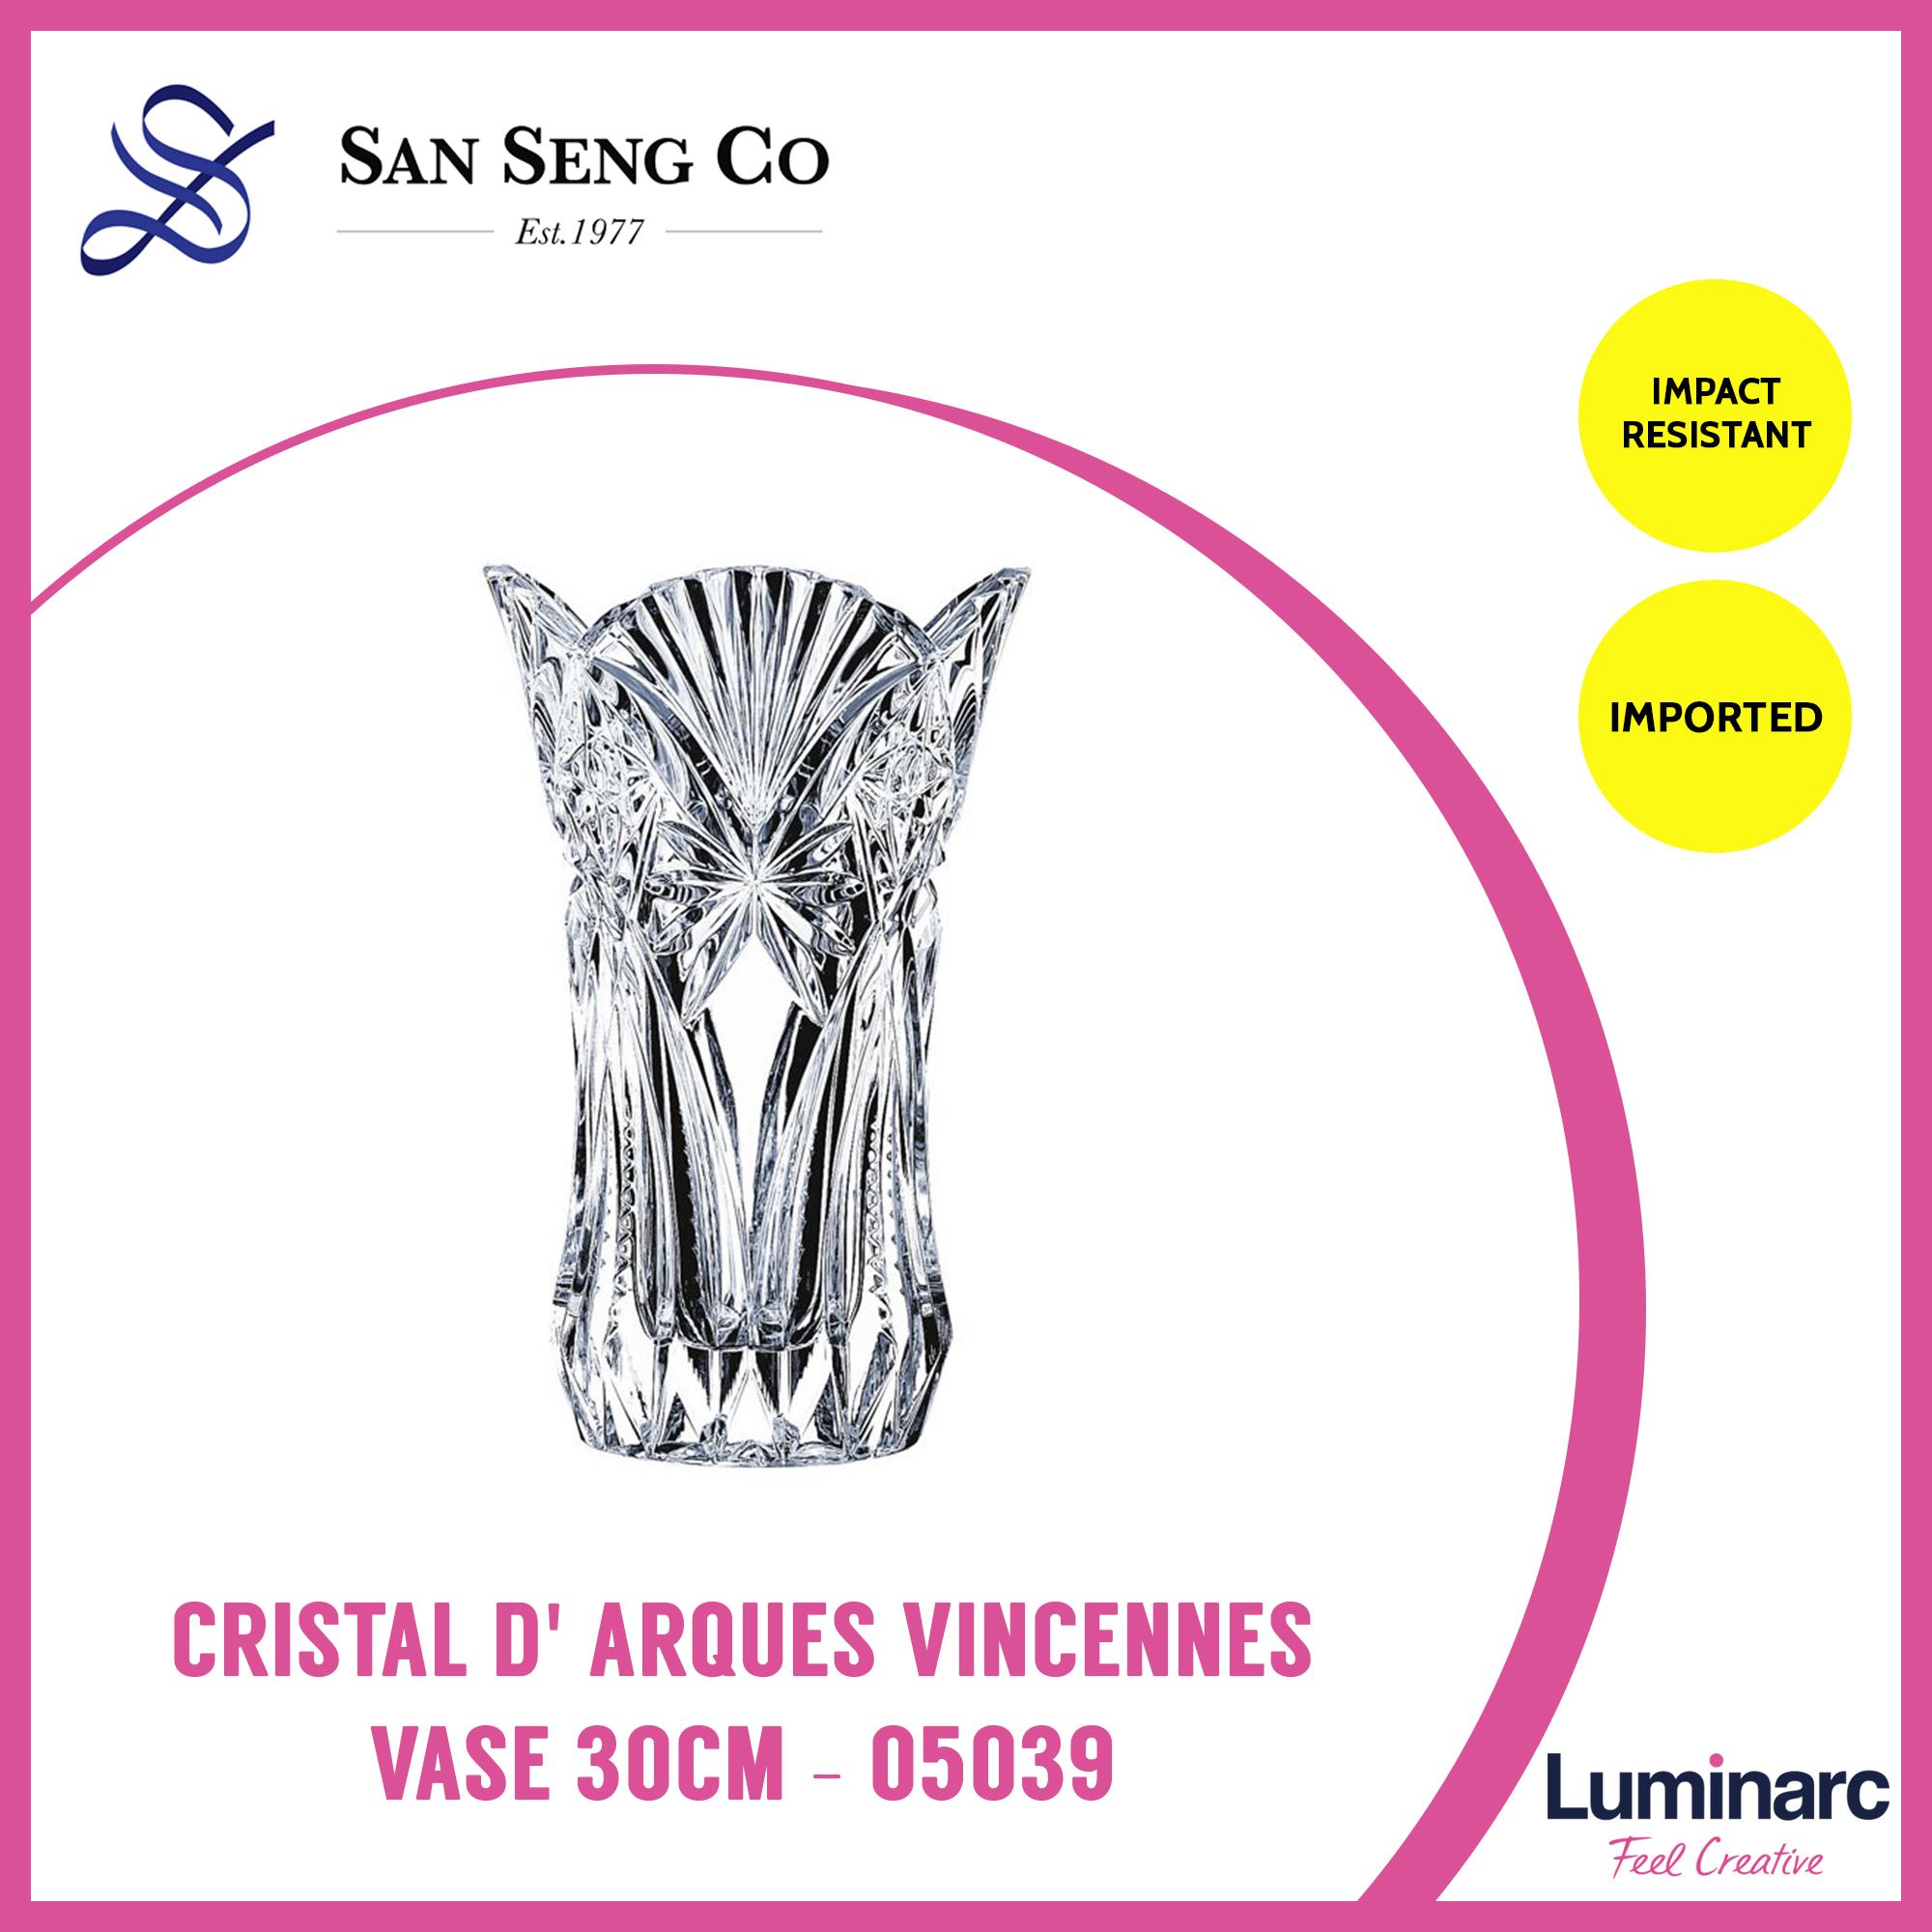 San Seng Luminarc Cristal D Arques Vincennes Vase 30CM - 05039 creative living room water culture glass vase transparent flower elegant modern flower vase